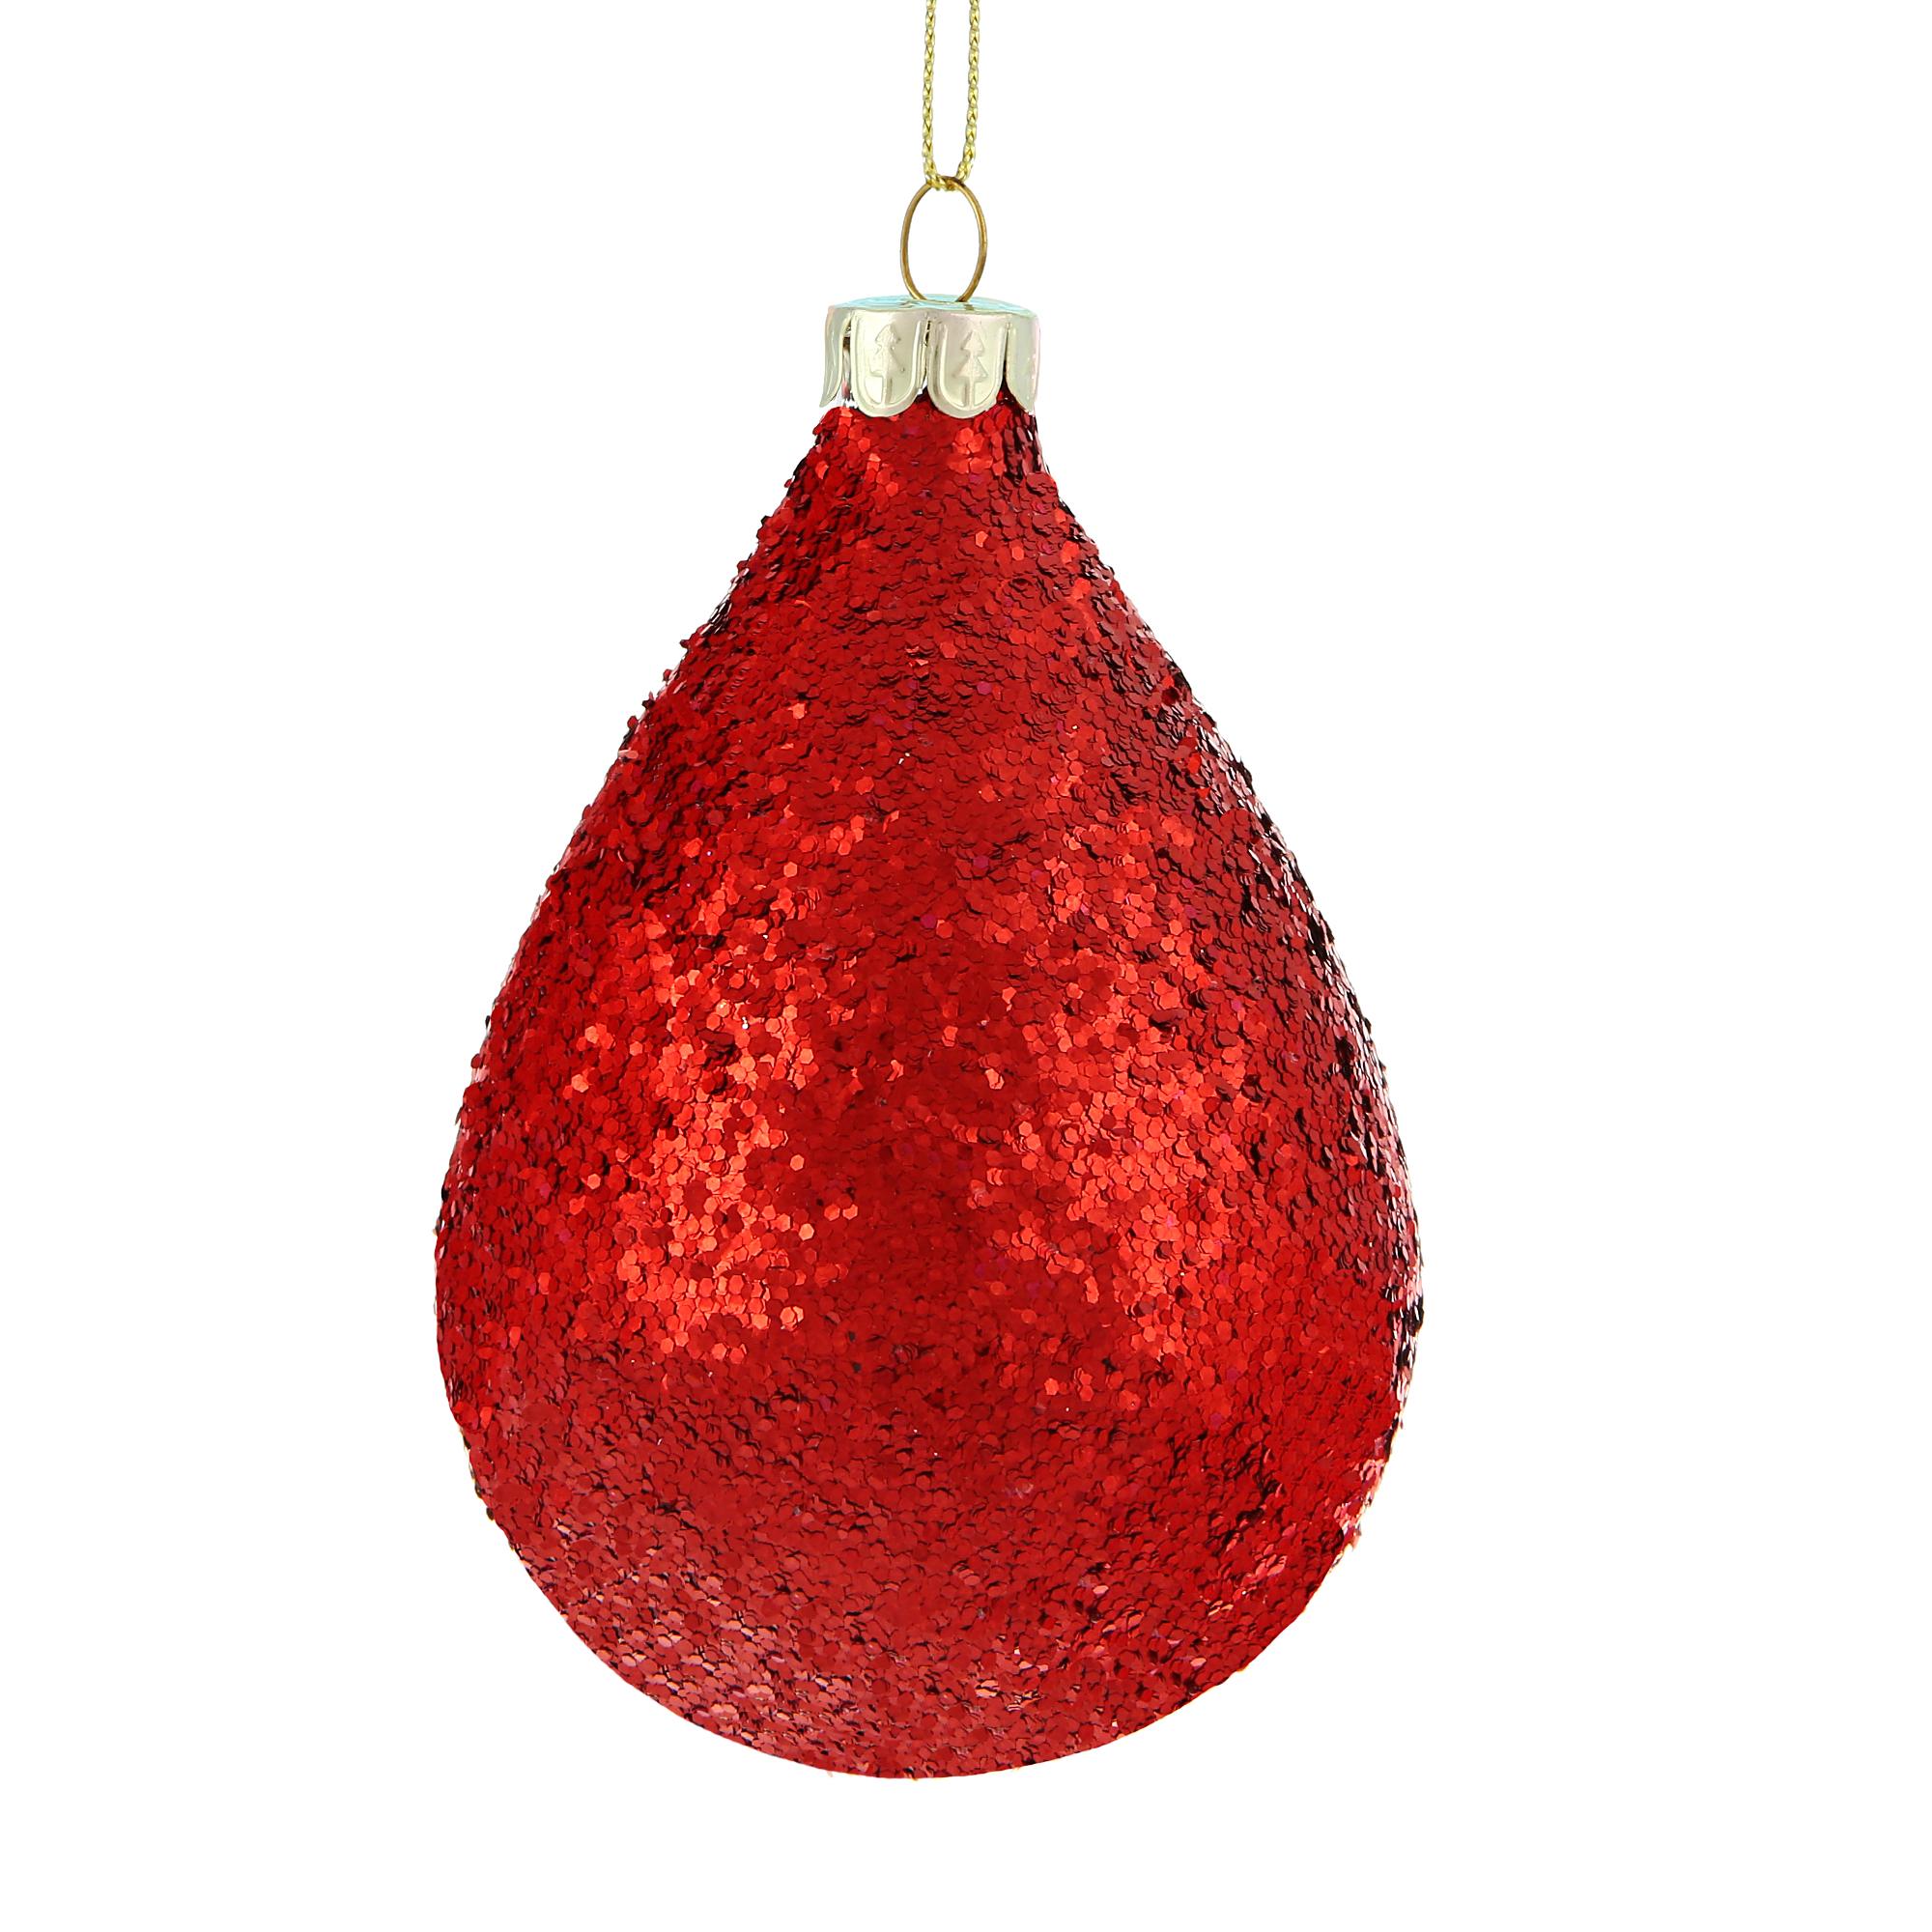 Игрушка елочная Bizzotto NY lurex rosso